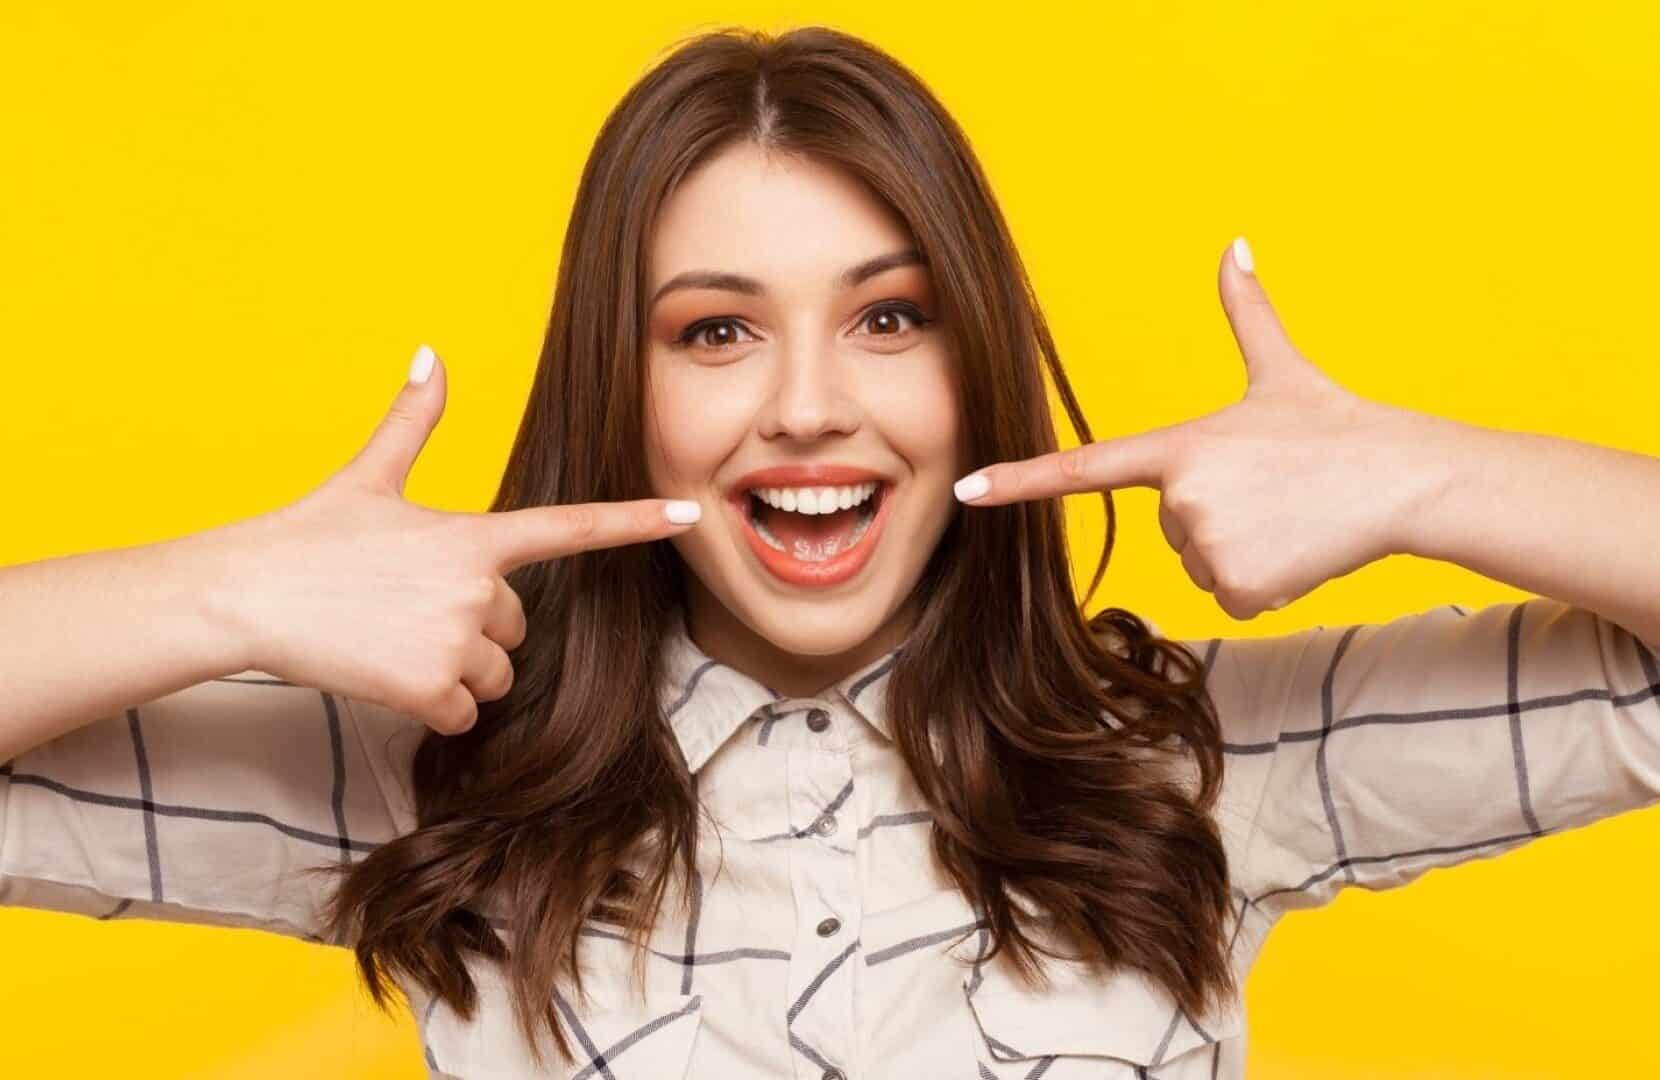 Sorriso: come si esegue lo sbiancamento dentale?